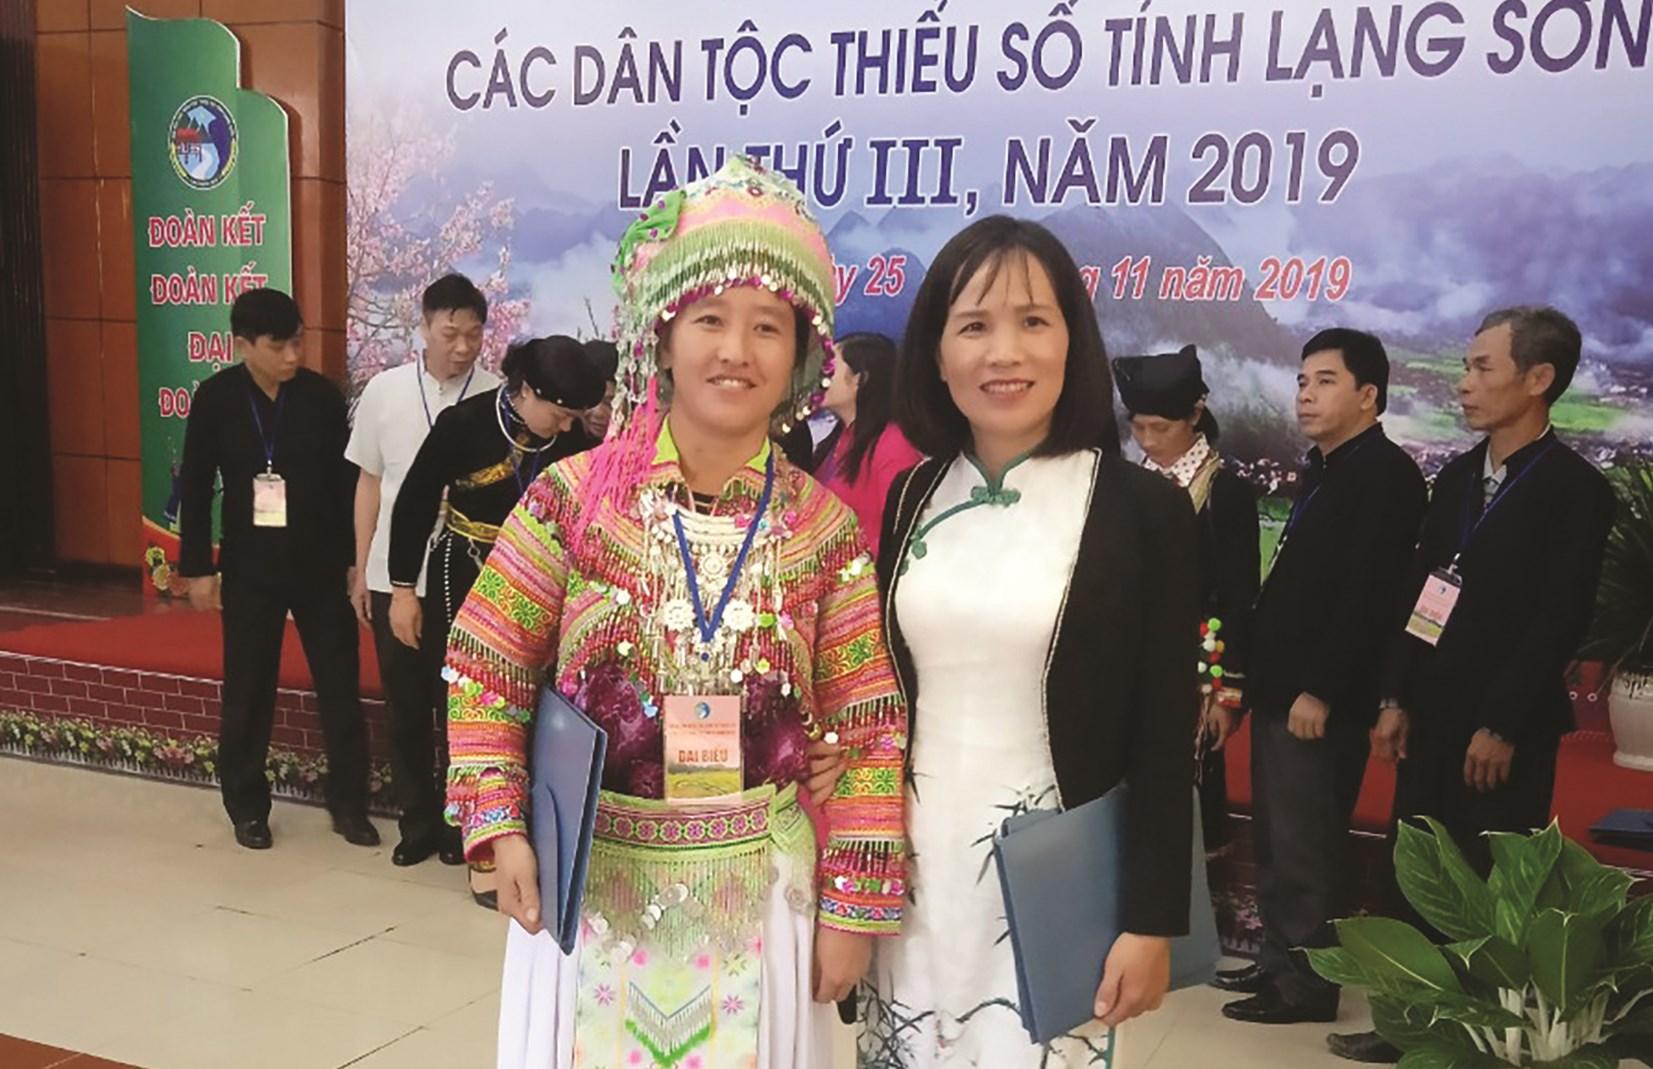 Chị Lầu Thị Hương (bên trái) tại Đại hội đại biểu DTTS tỉnh Lạng Sơn lần thứ III năm 2019.